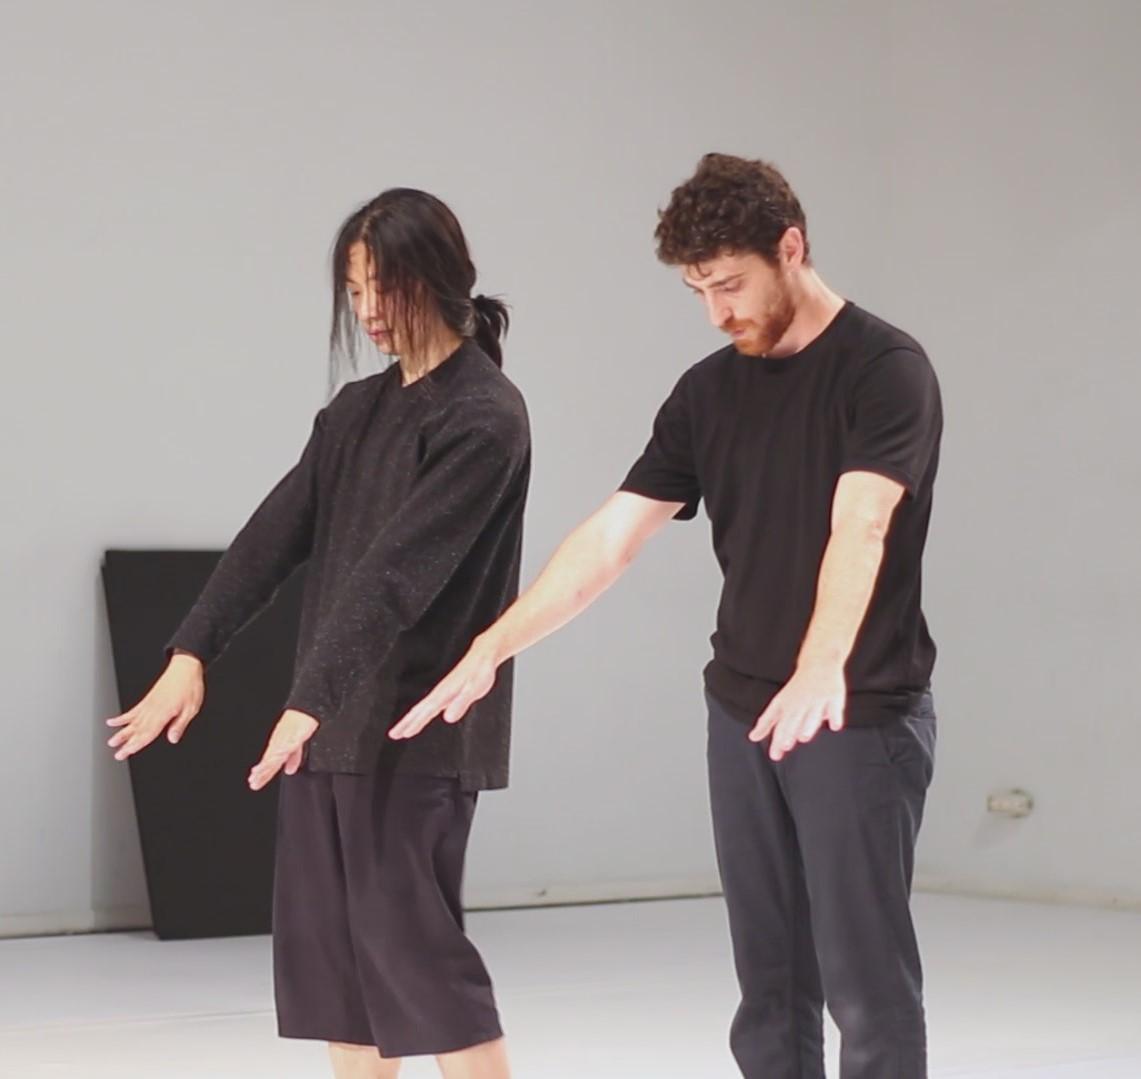 Far & Middle שיתוף פעולה עם הכוריאוגרף יאנג ג'אן (סין)